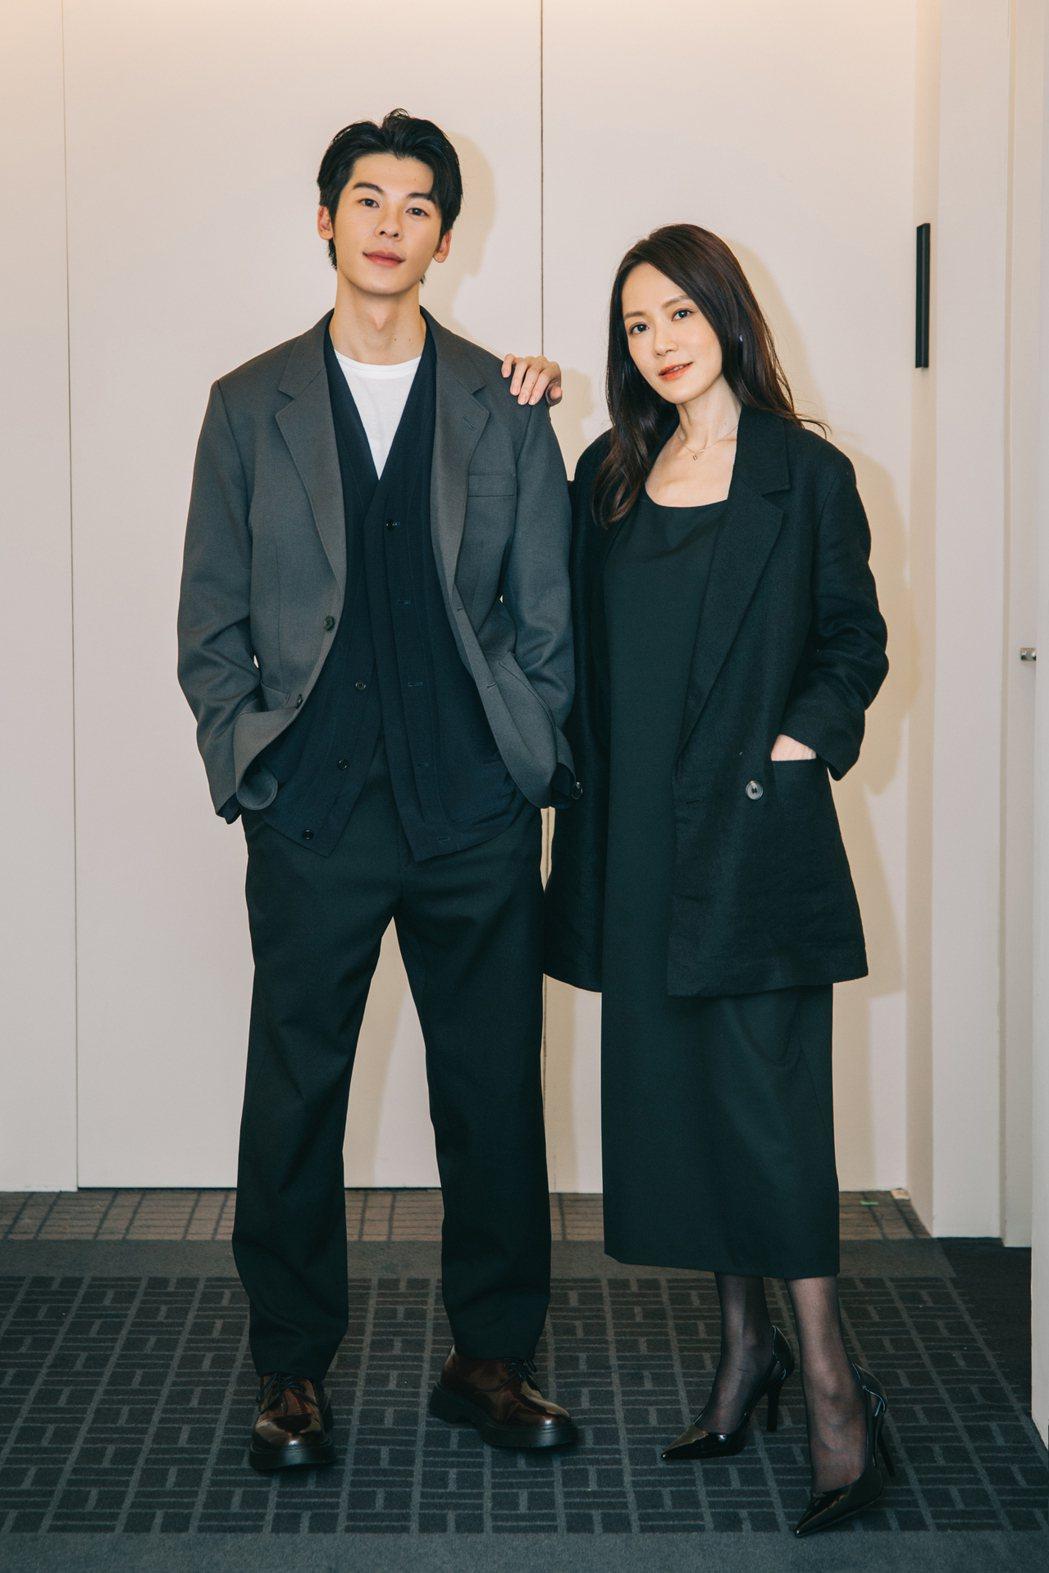 許光漢(左)跟尹馨初次同框合作。圖/何樂音樂提供